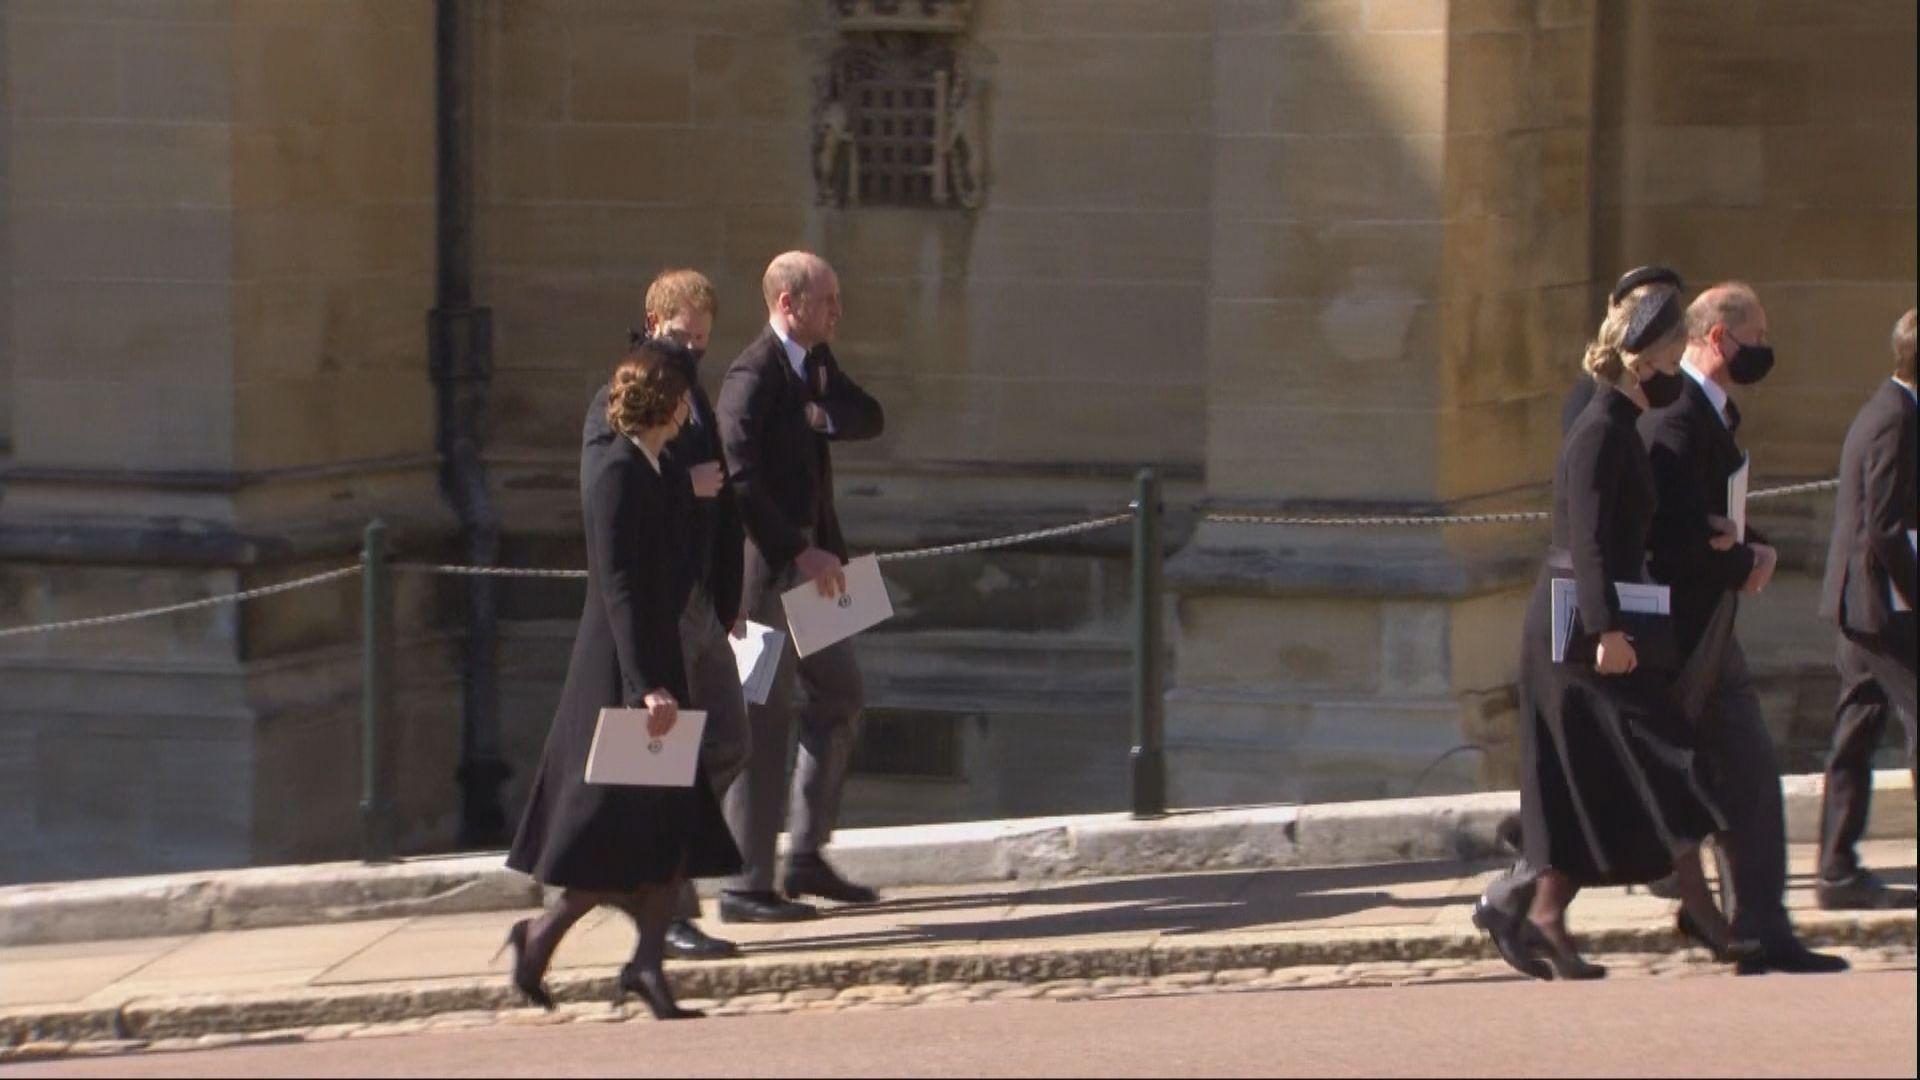 威廉夫婦離開教堂時與哈里交談